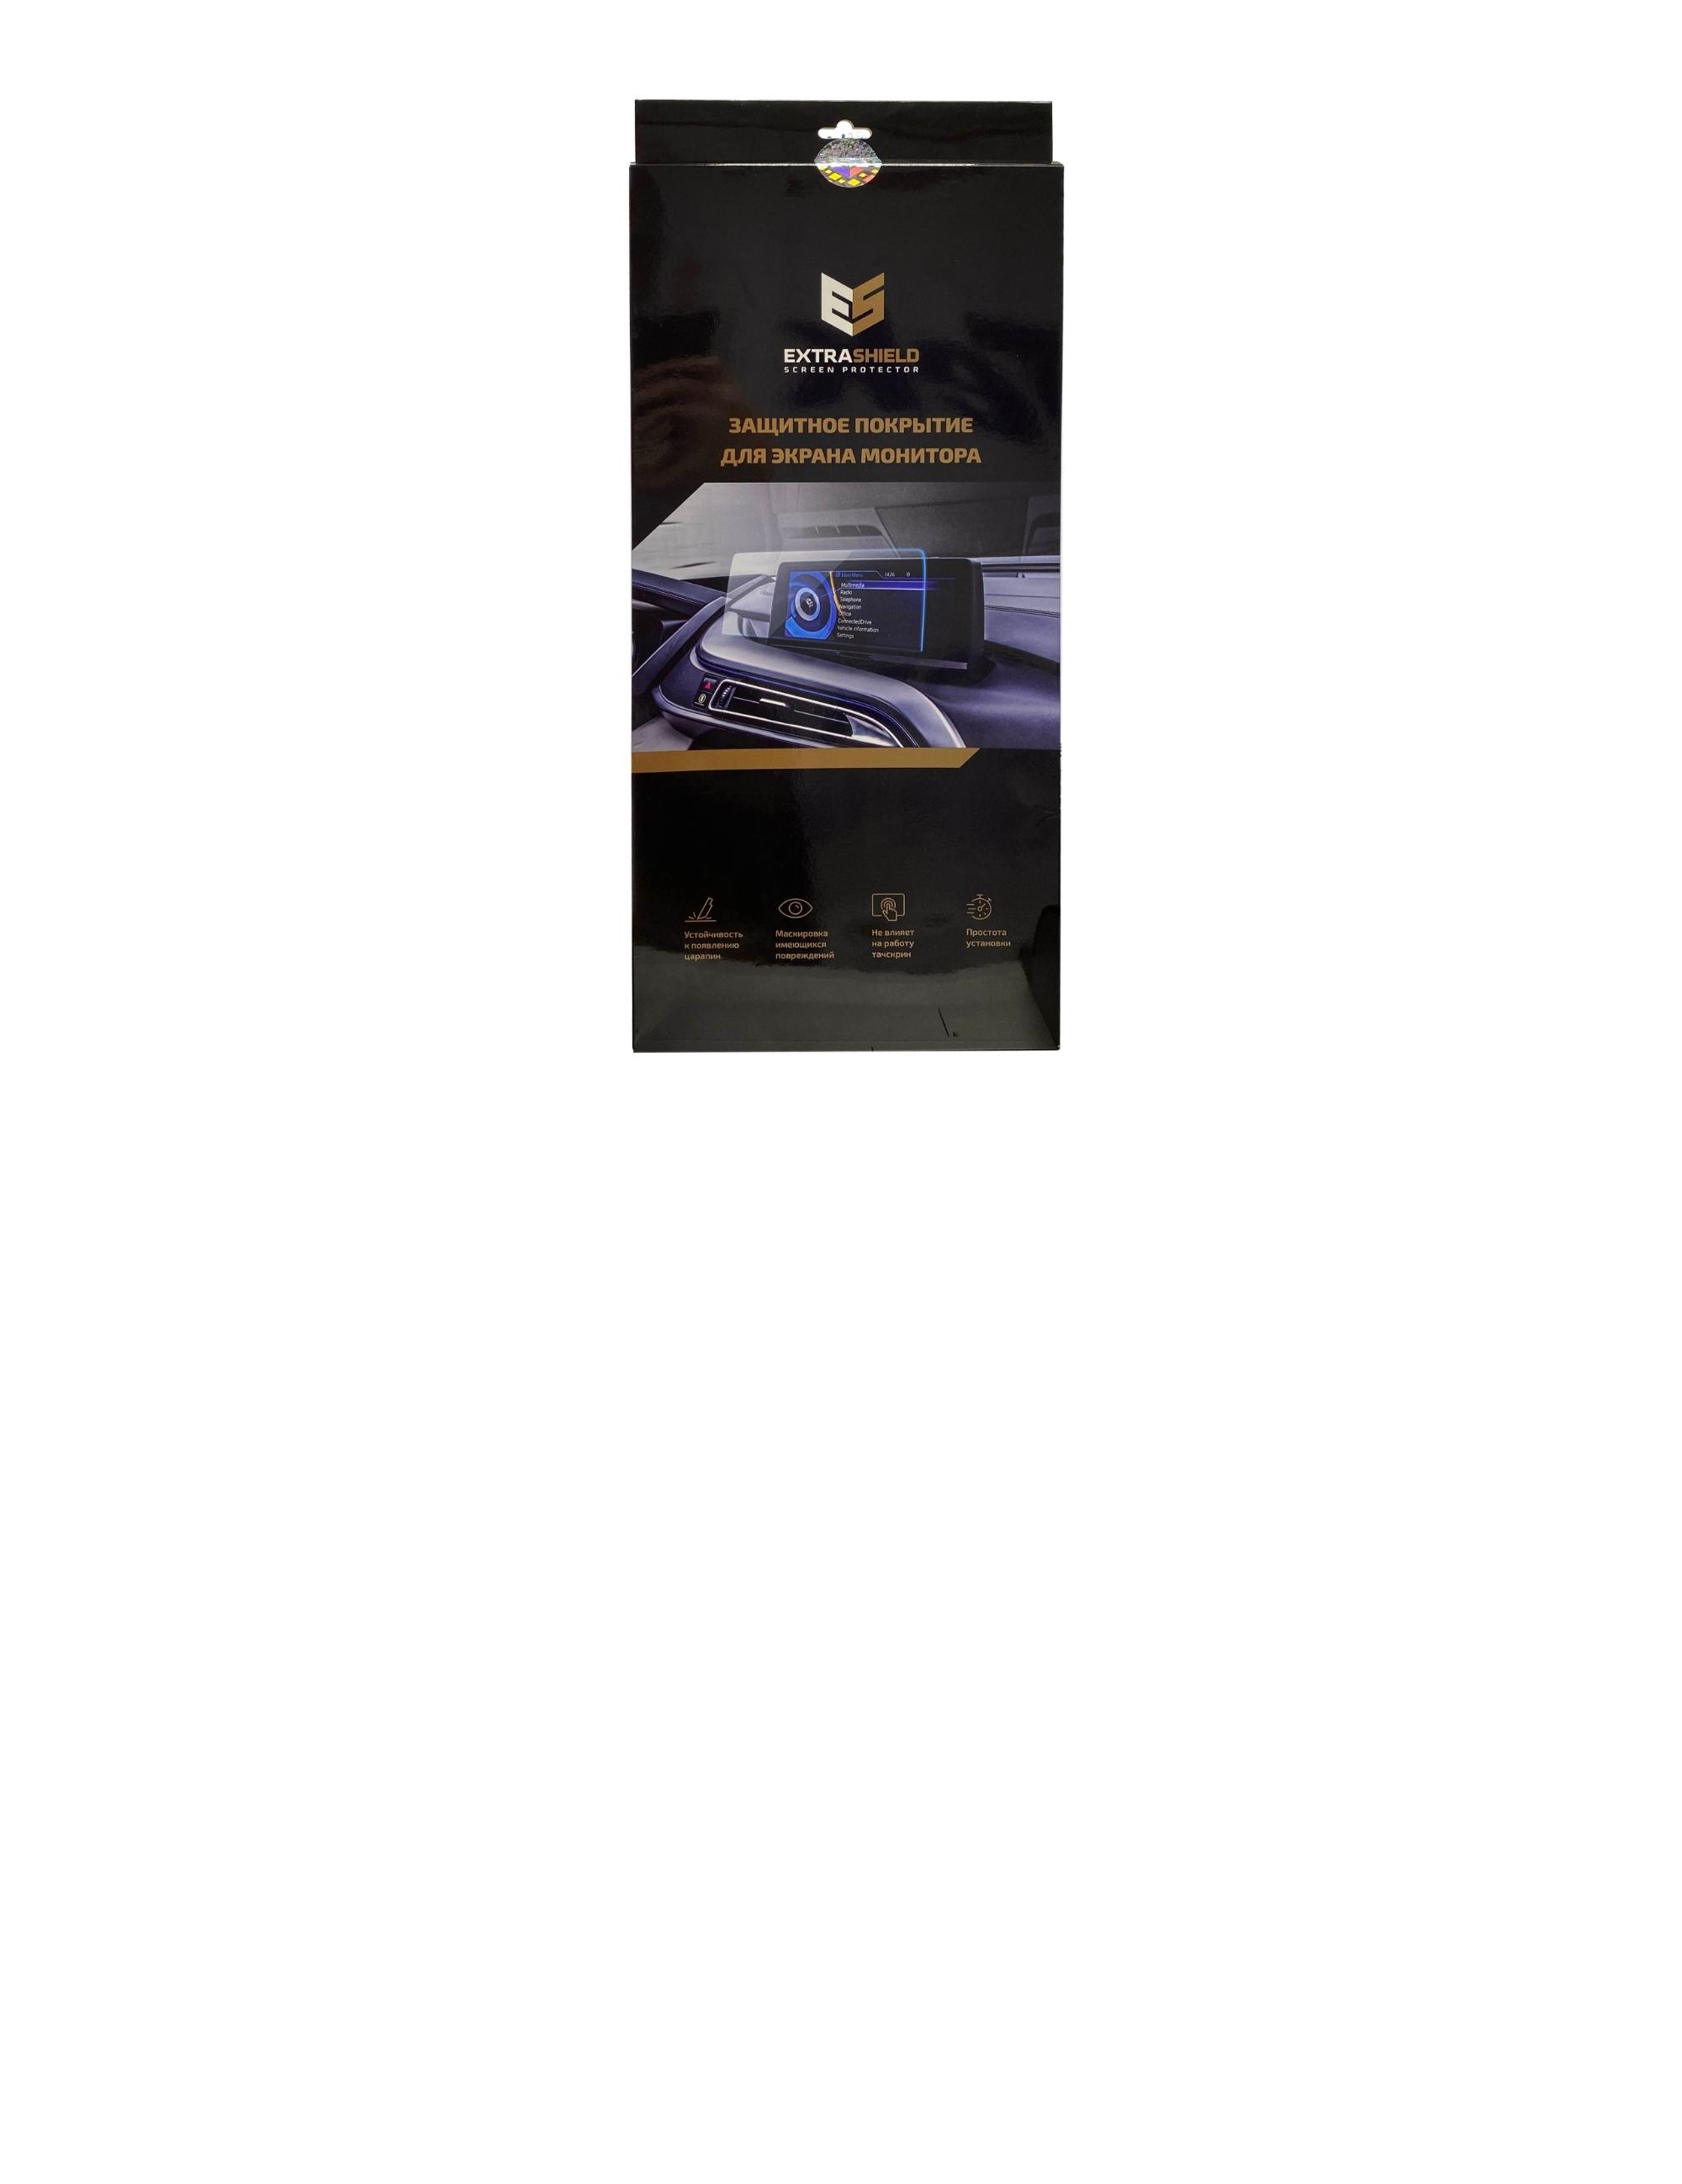 Lexus RX дорестайлинг 2017 - 2019 мультимедиа 12,3 Защитное стекло Матовая